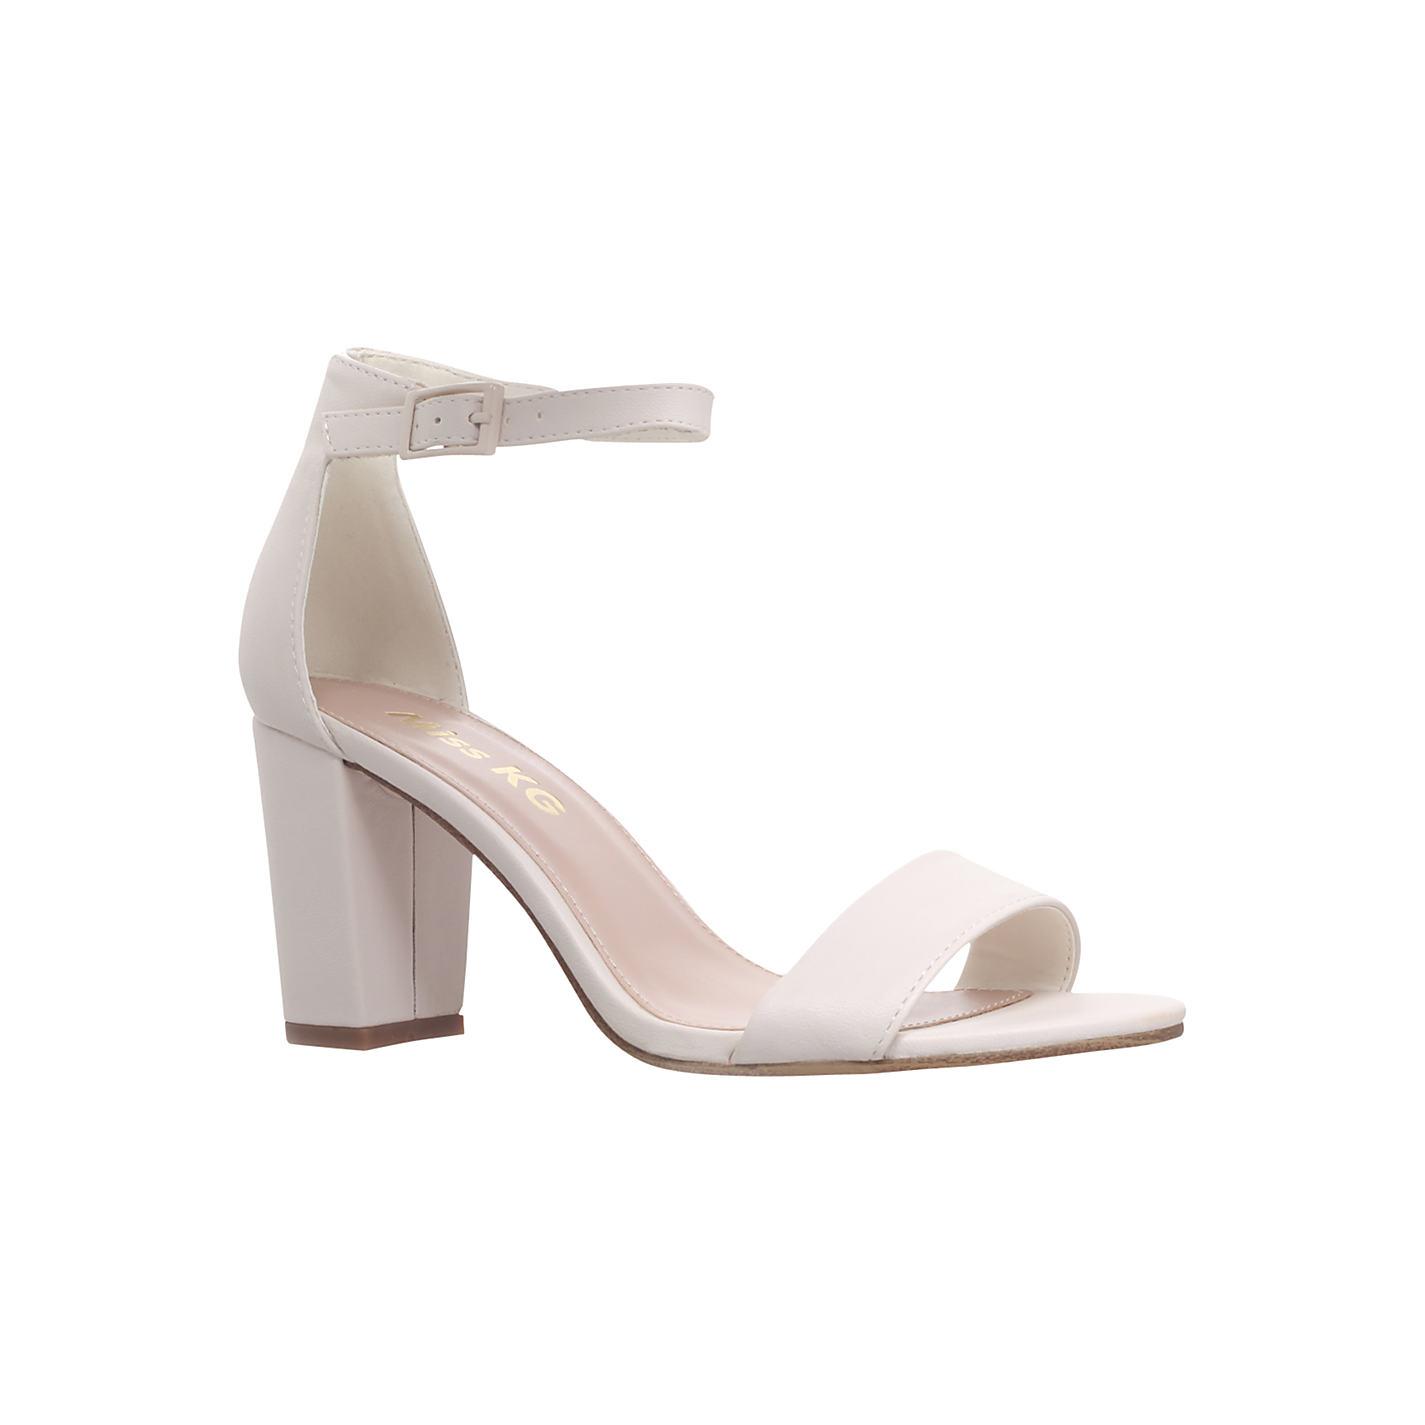 Buy Black Heels Online